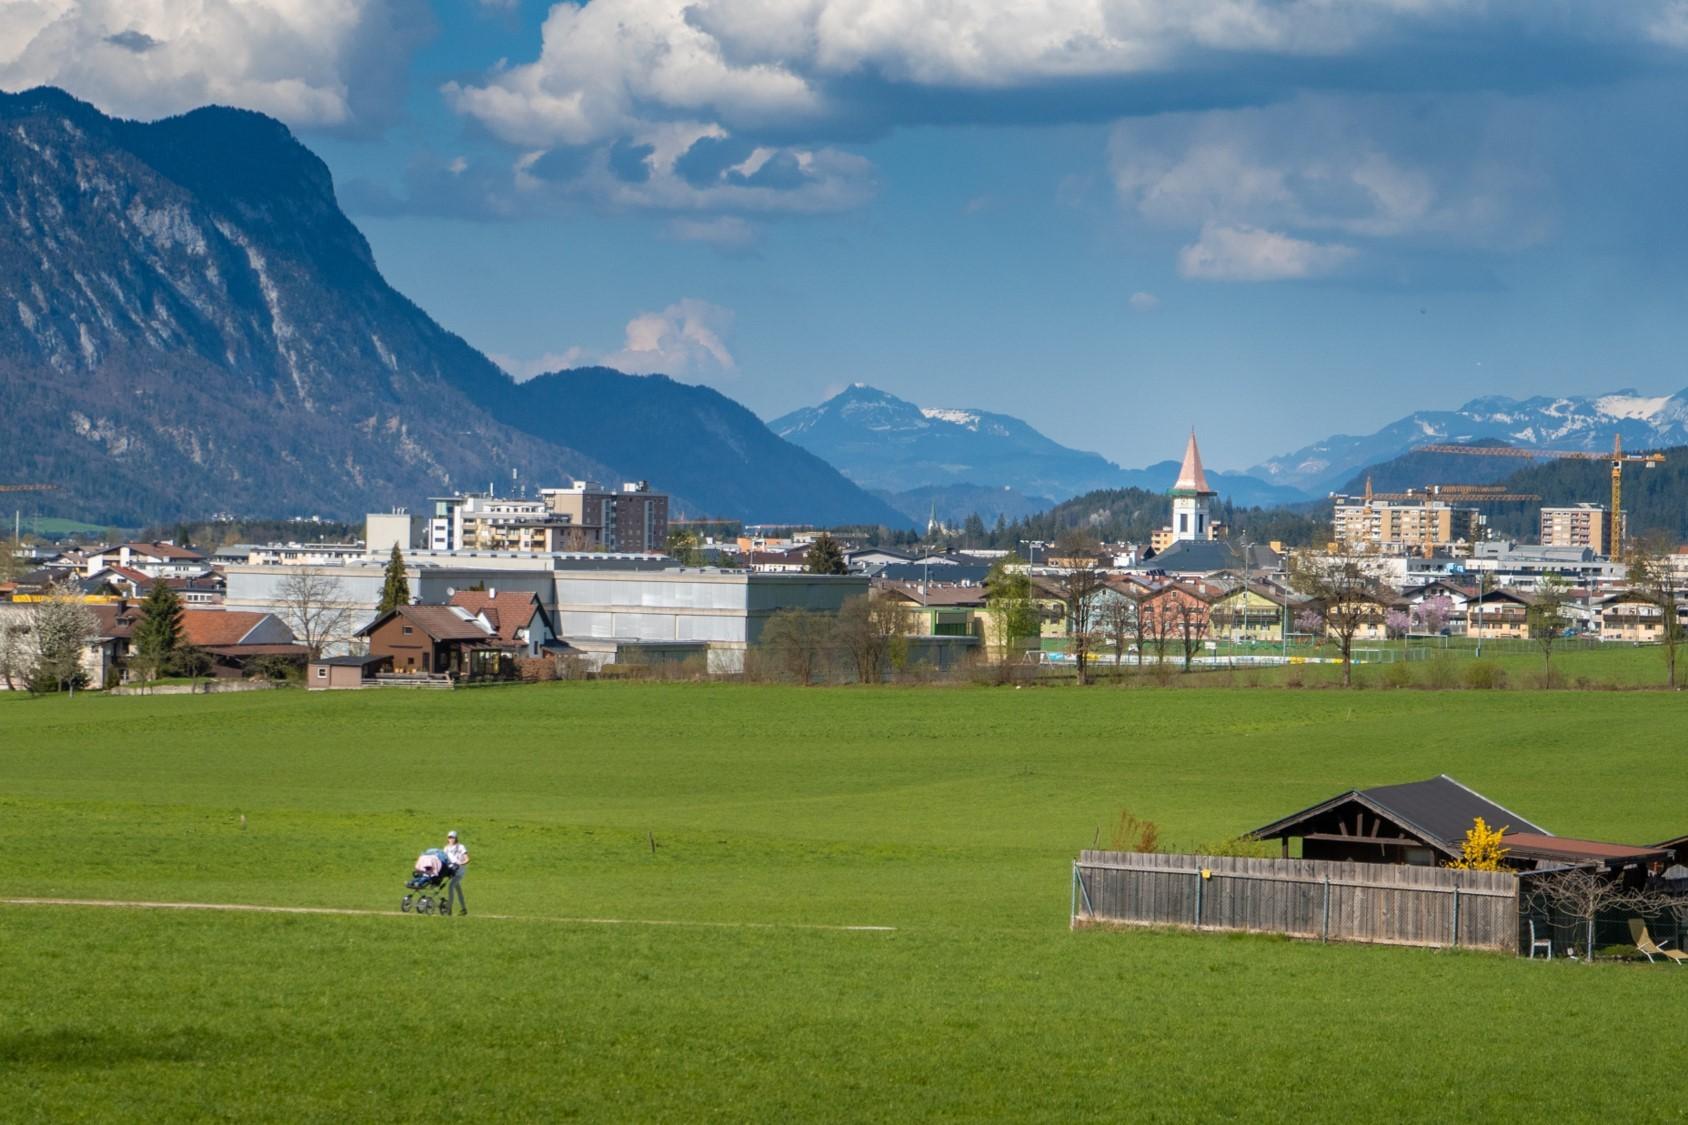 Sonnige Landschaft an der Stadtgrenze von Wörgl